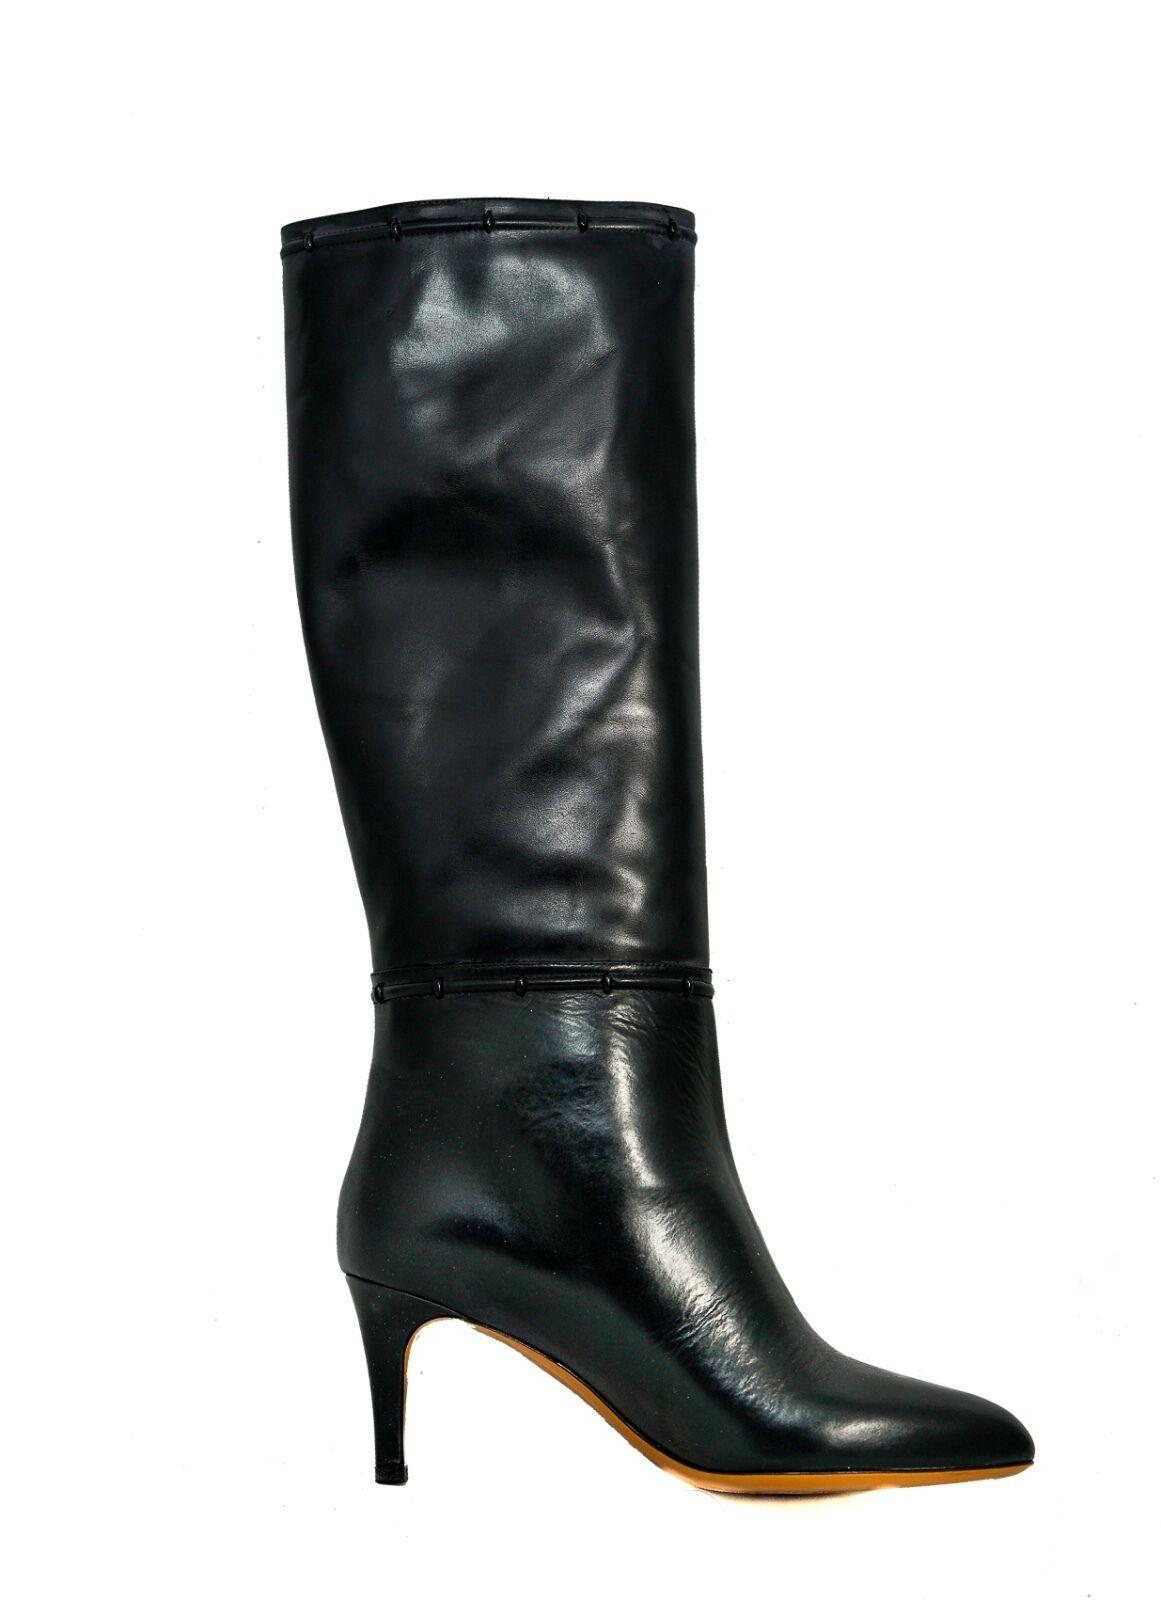 molte concessioni New in Box Bruno Magli Ladies Leather nero stivali Dajan Dajan Dajan  fino al 65% di sconto